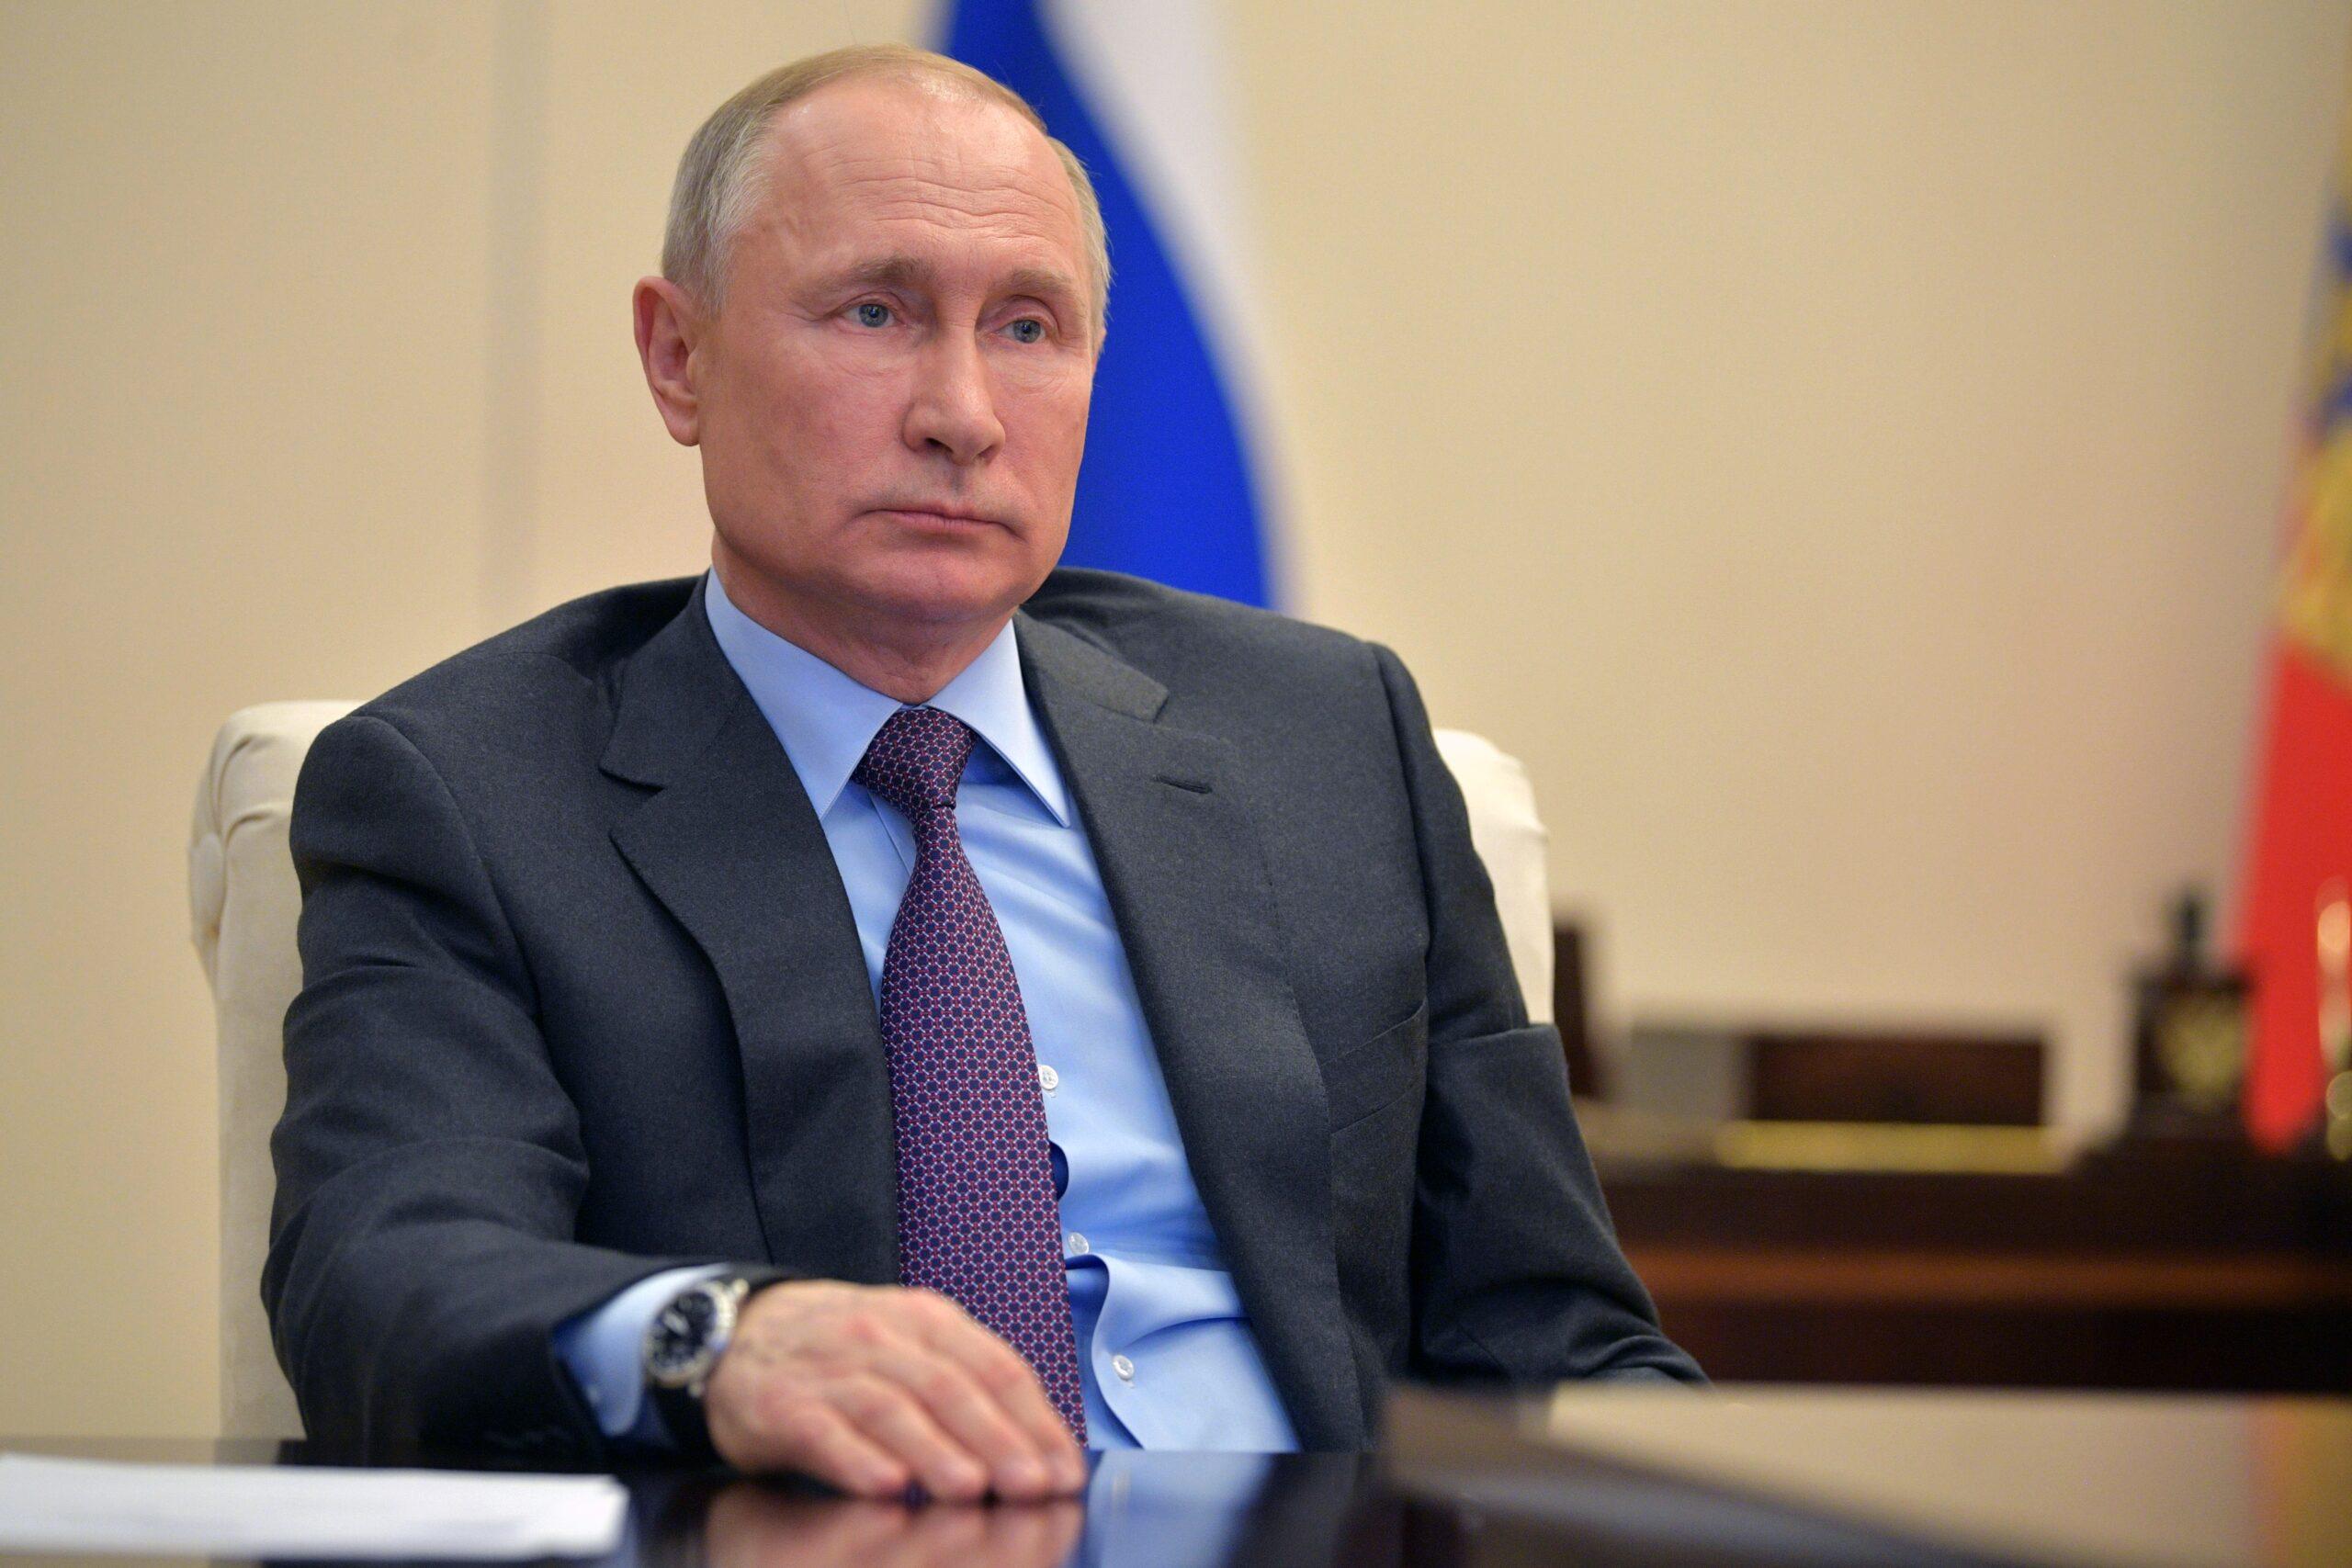 Путин: Нужно убеждать людей сделать прививку, но навязывать её нельзя